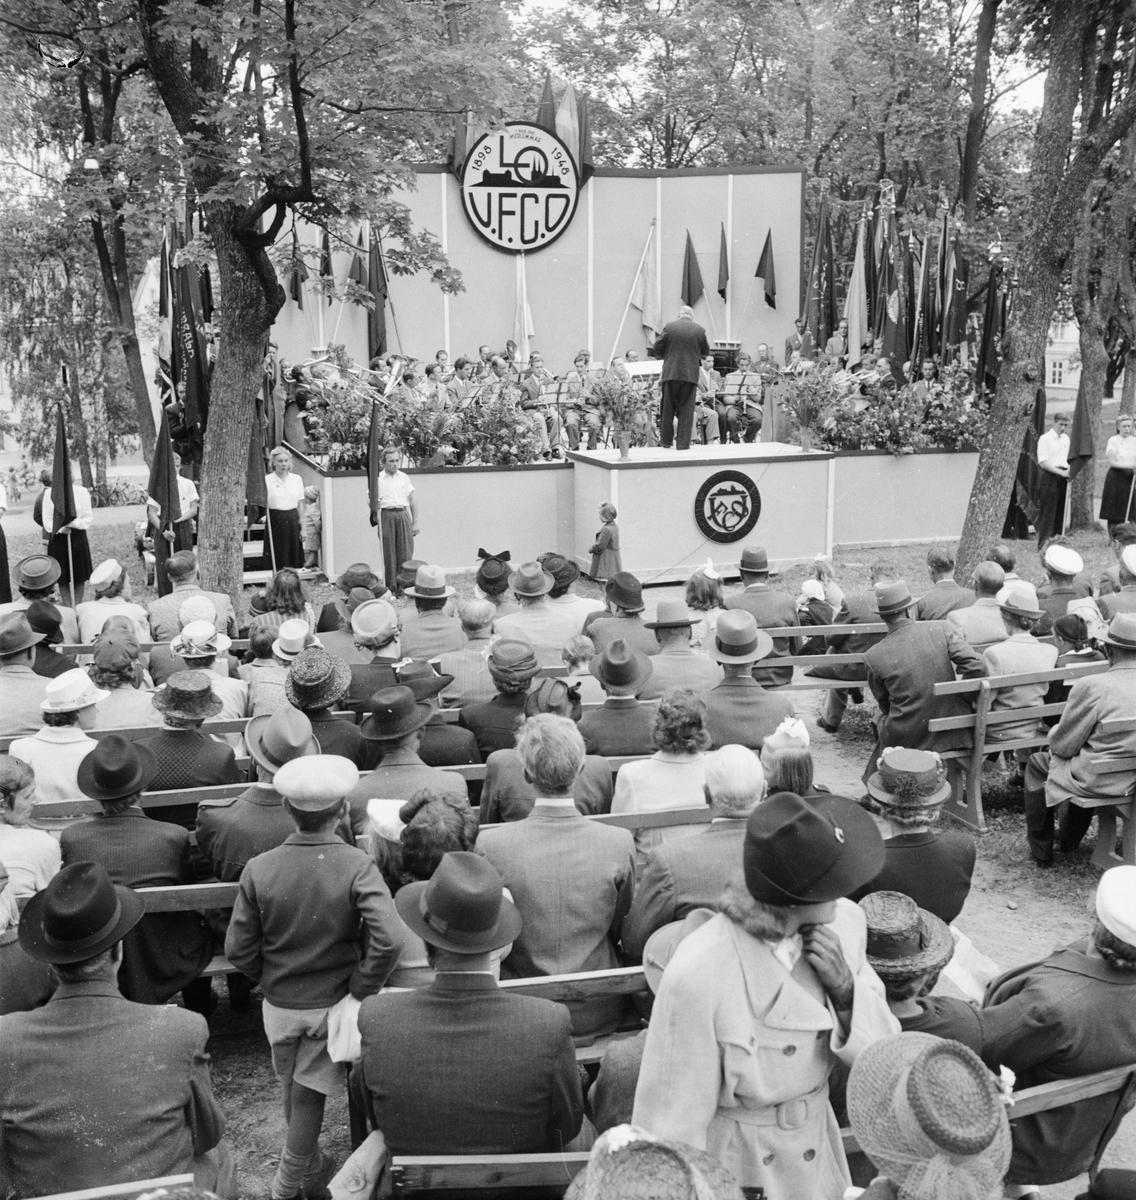 Landsorganisationens 50-årsjubileum, Slottsbacken, Uppsala 1948